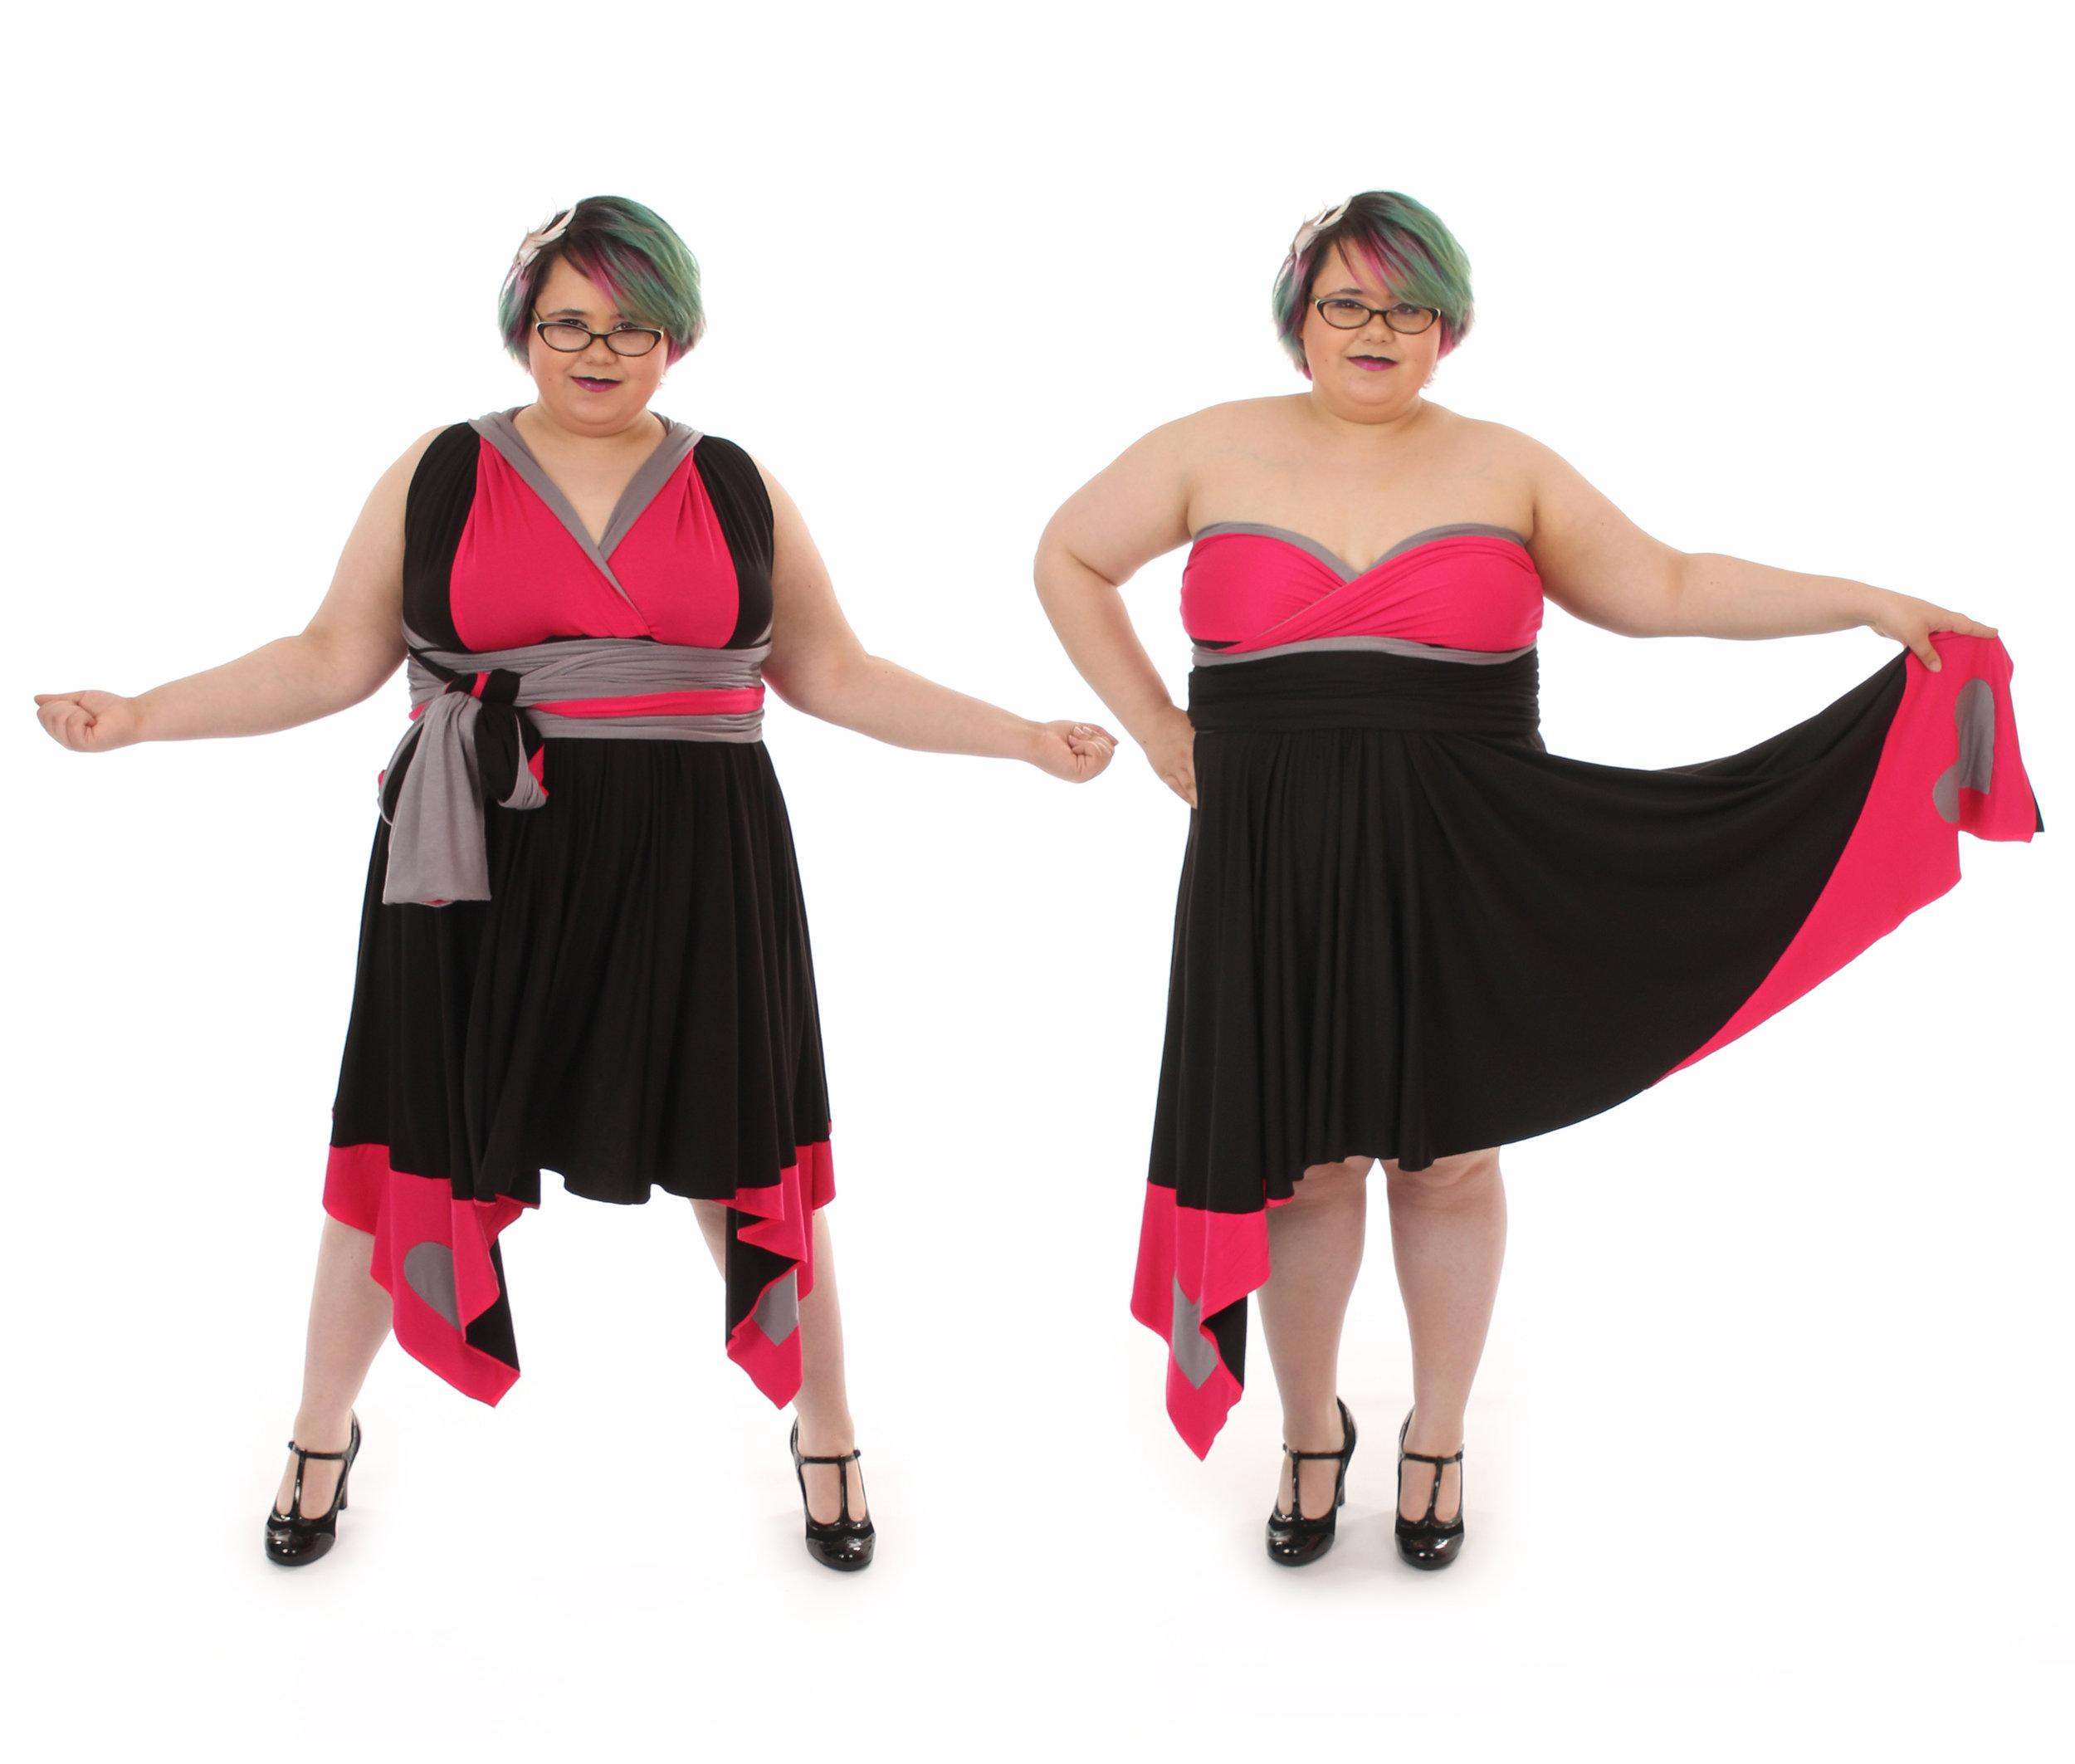 Robot TV Host Inspired Convertible Dress